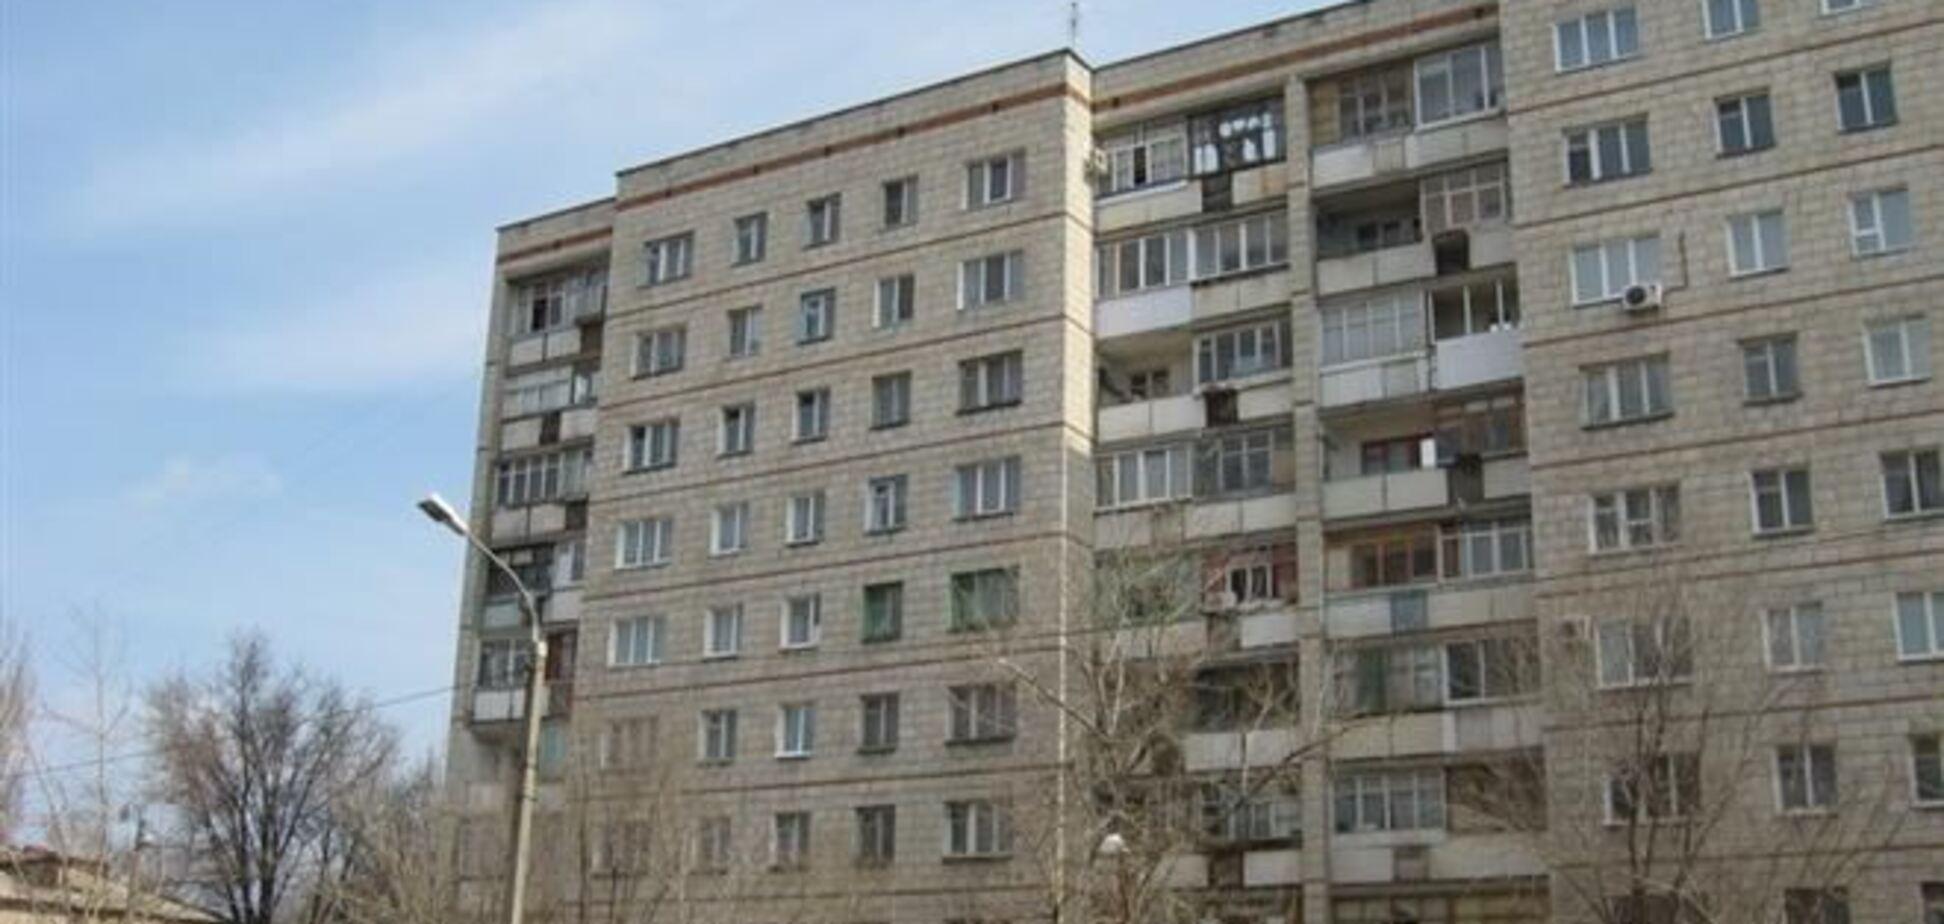 Членам ОСМД и ЖСК предоставили льготы и субсидии